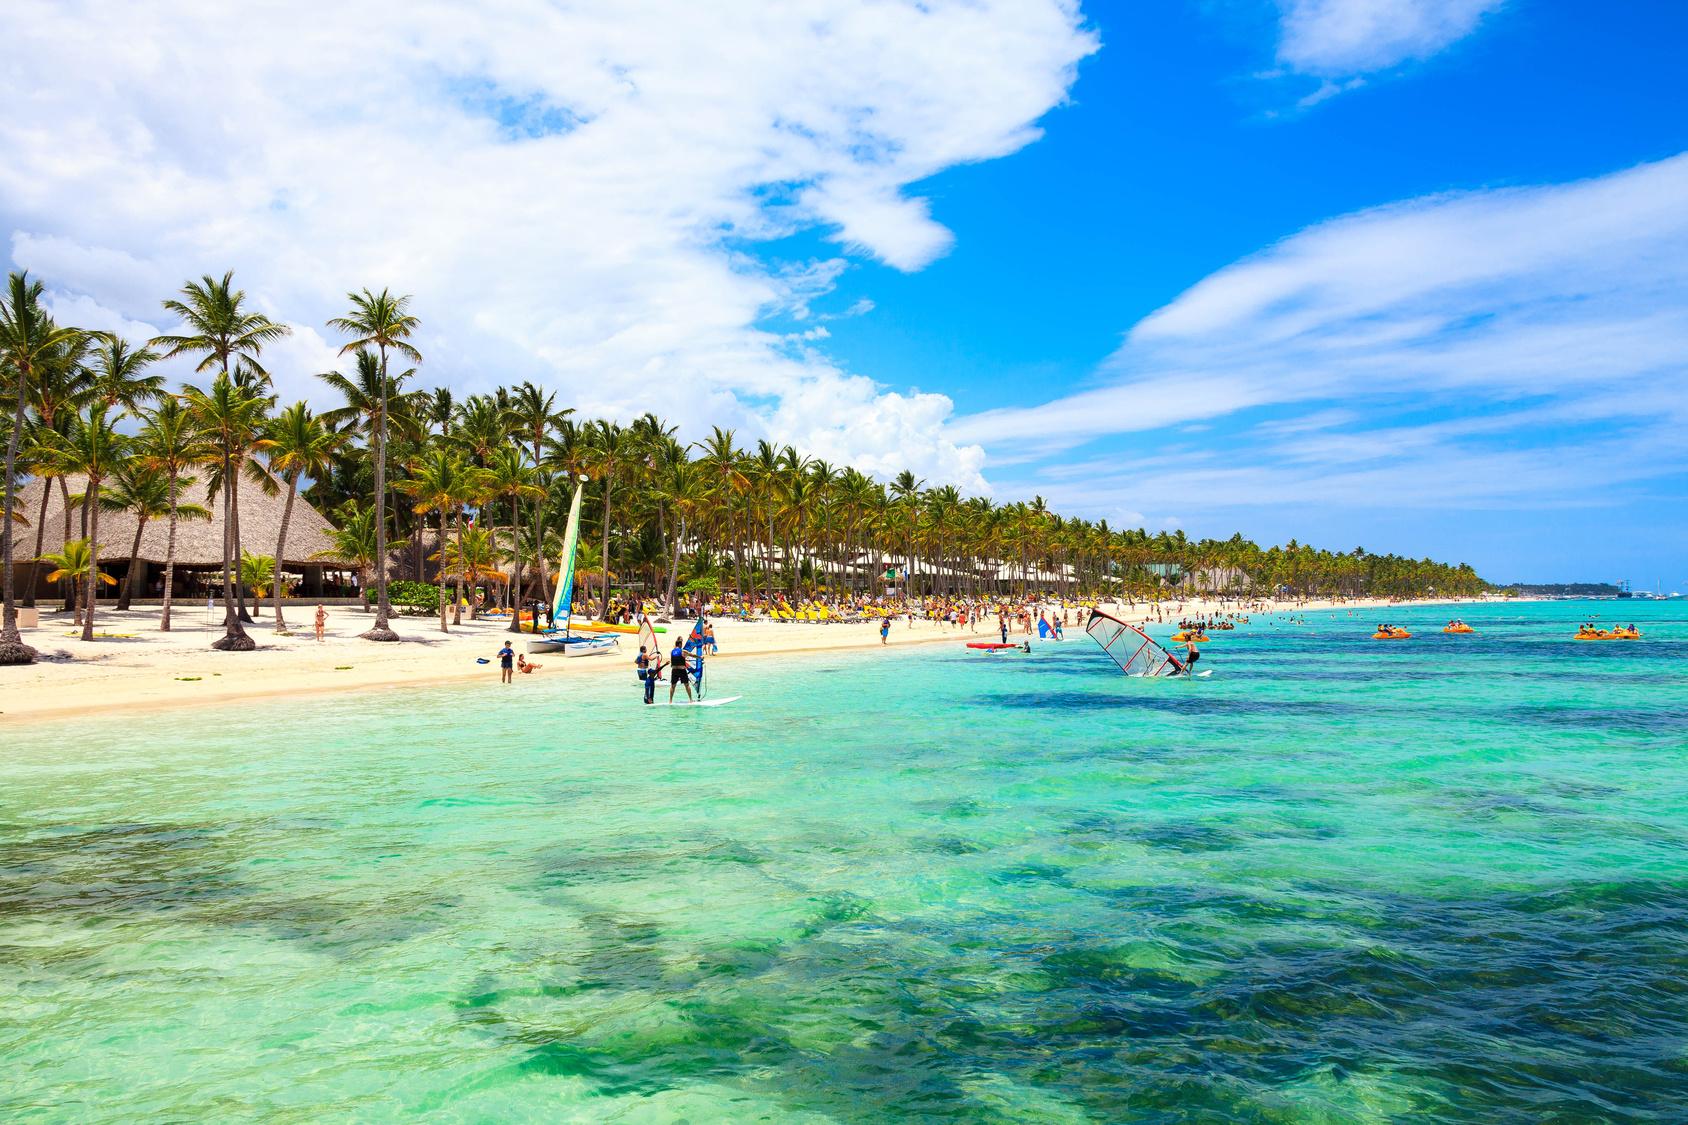 Wakacje na Dominikanie - sprawdź najciekawsze oferty!